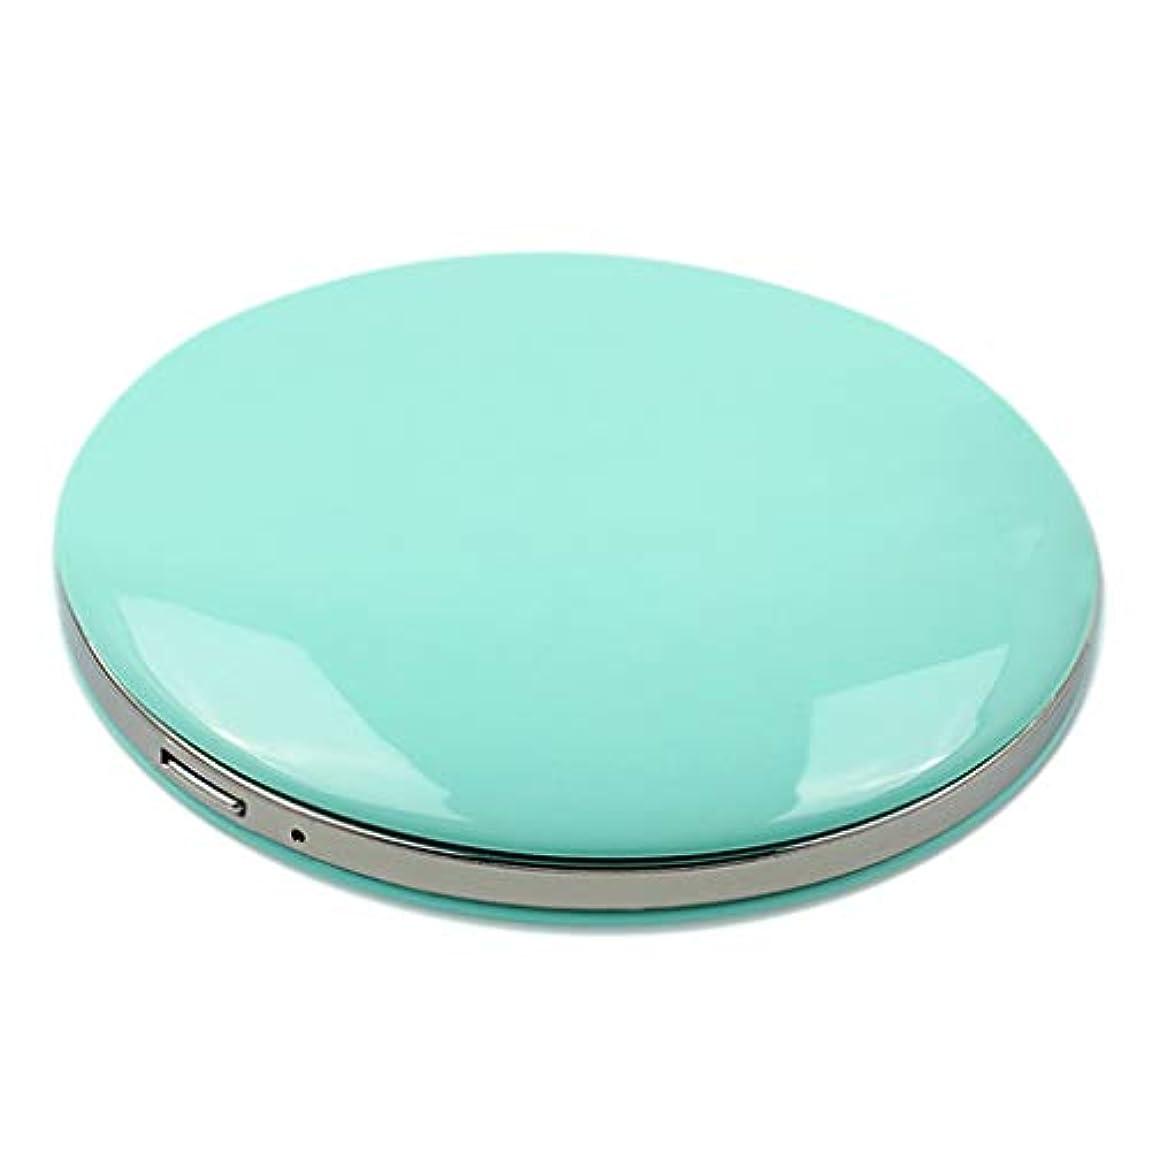 加速度血色の良い気まぐれなコンパクトミラー 拡大鏡付き 3倍 LED付き 化粧鏡 携帯ミラー 化粧鏡 手持式 持ち運び 全5色 - 緑